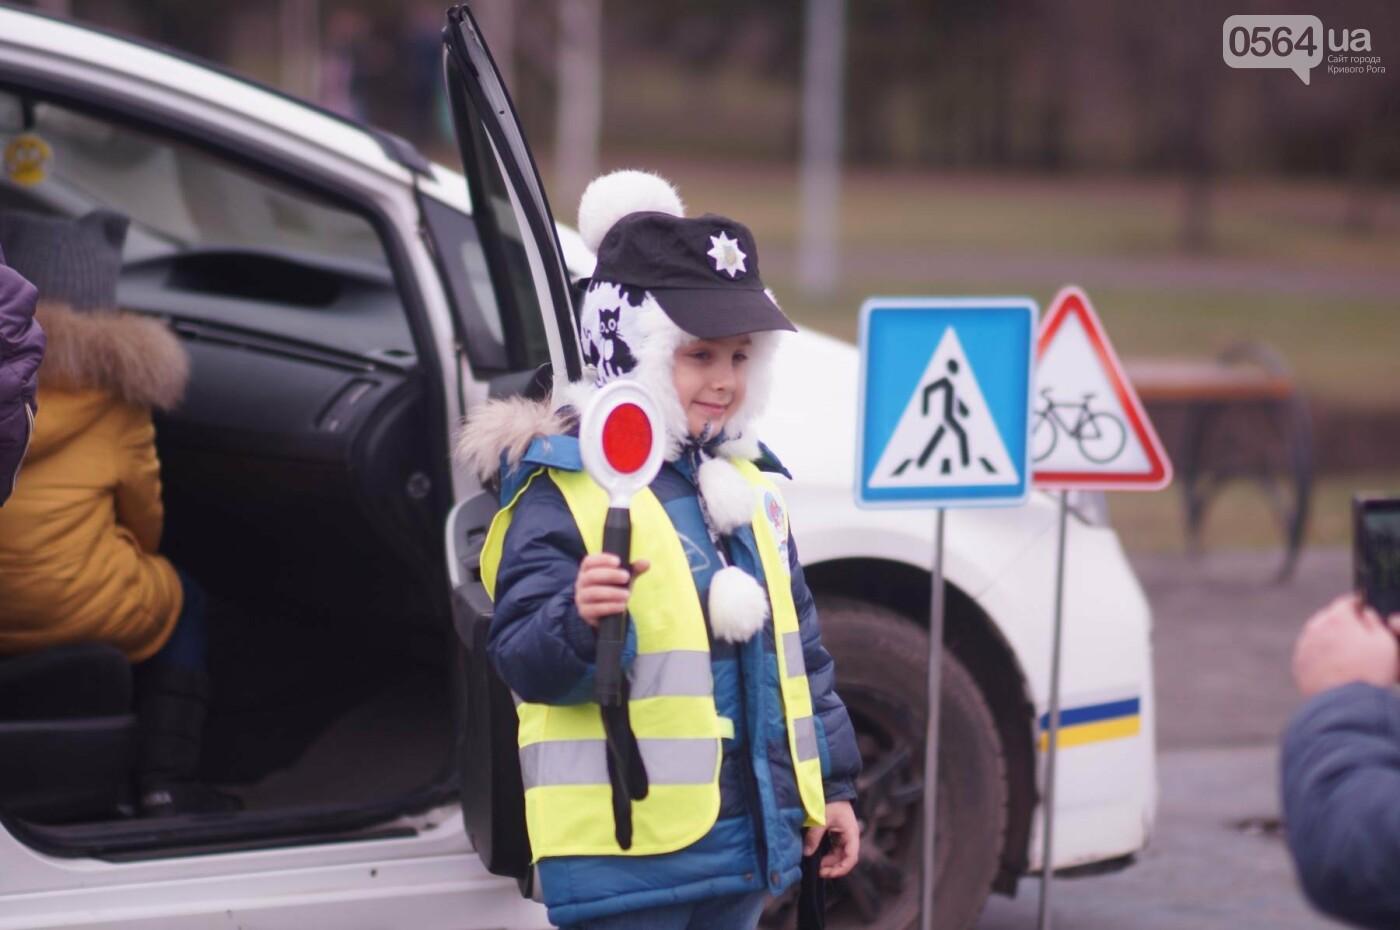 Встреча криворожских полицейских с детьми закончилась преждевременно (ФОТО), фото-4